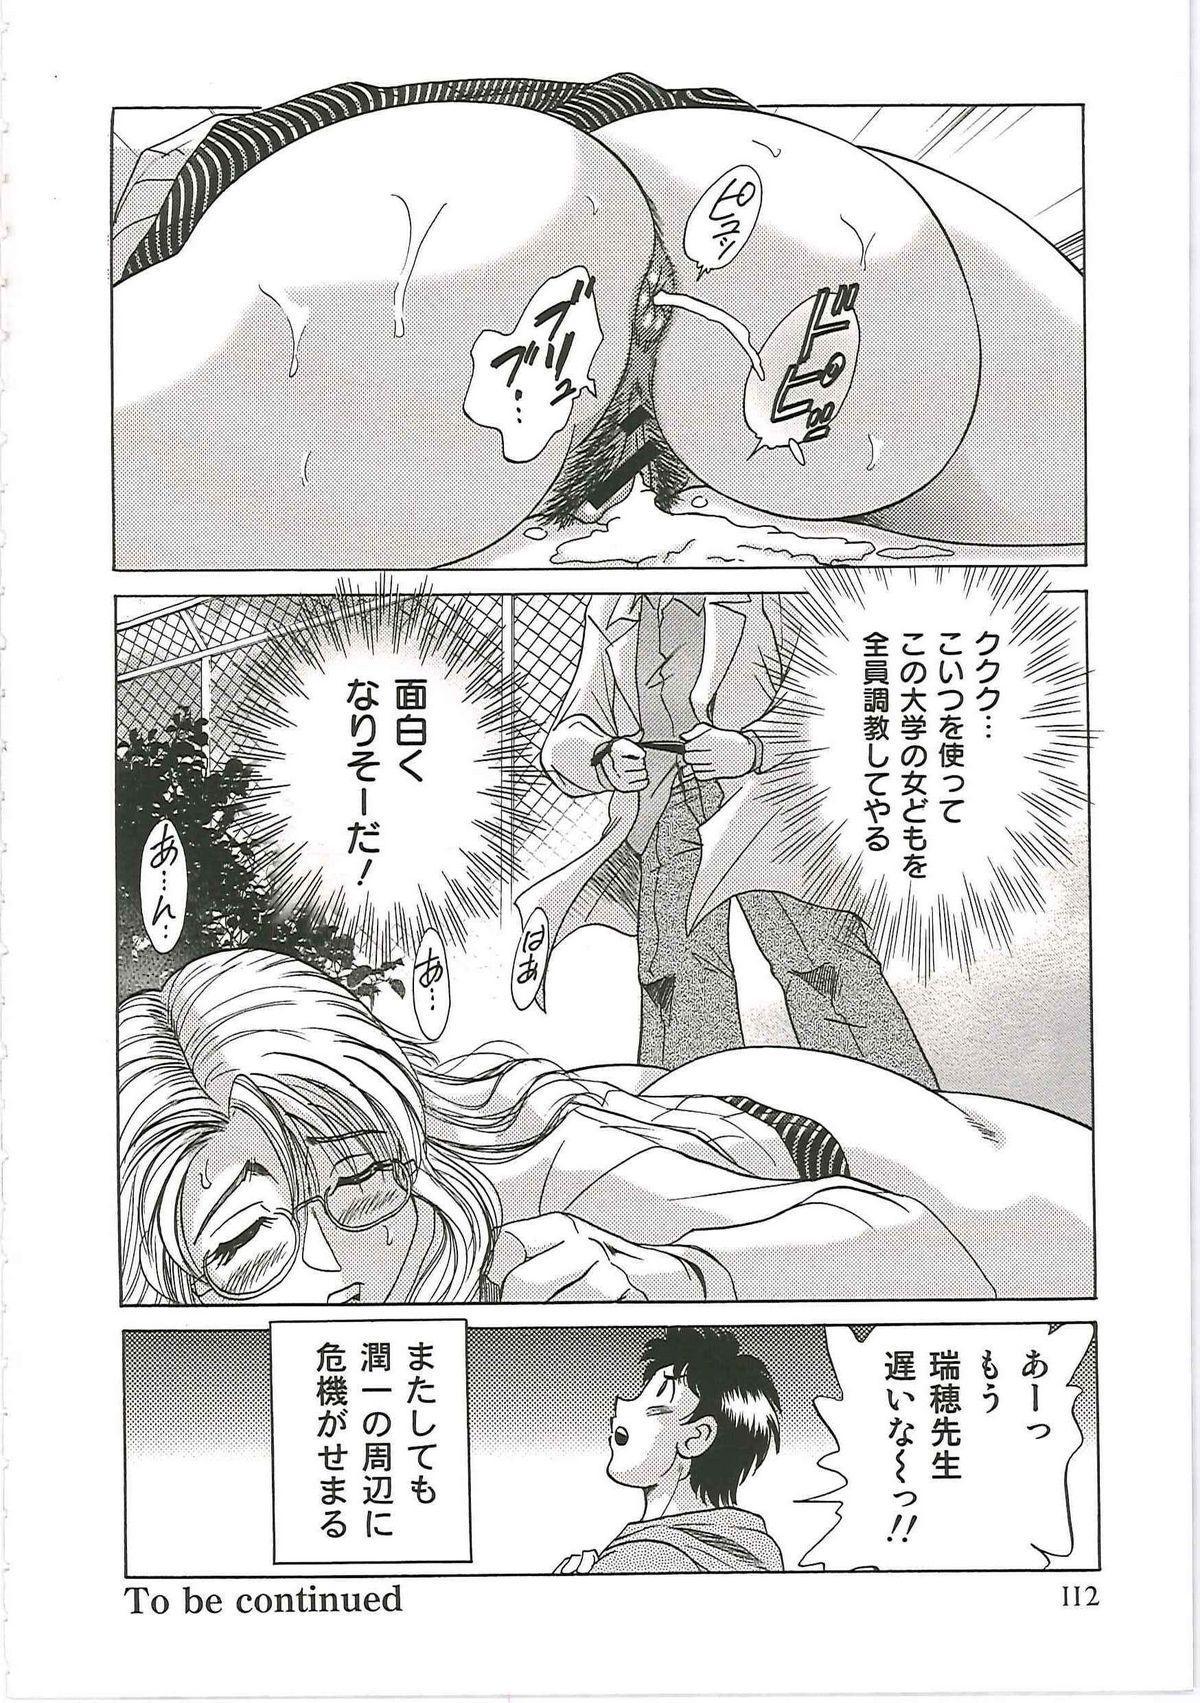 [Chanpon Miyabi] Cho-Onesan Tengoku 6 -Tenrakuhen- 119